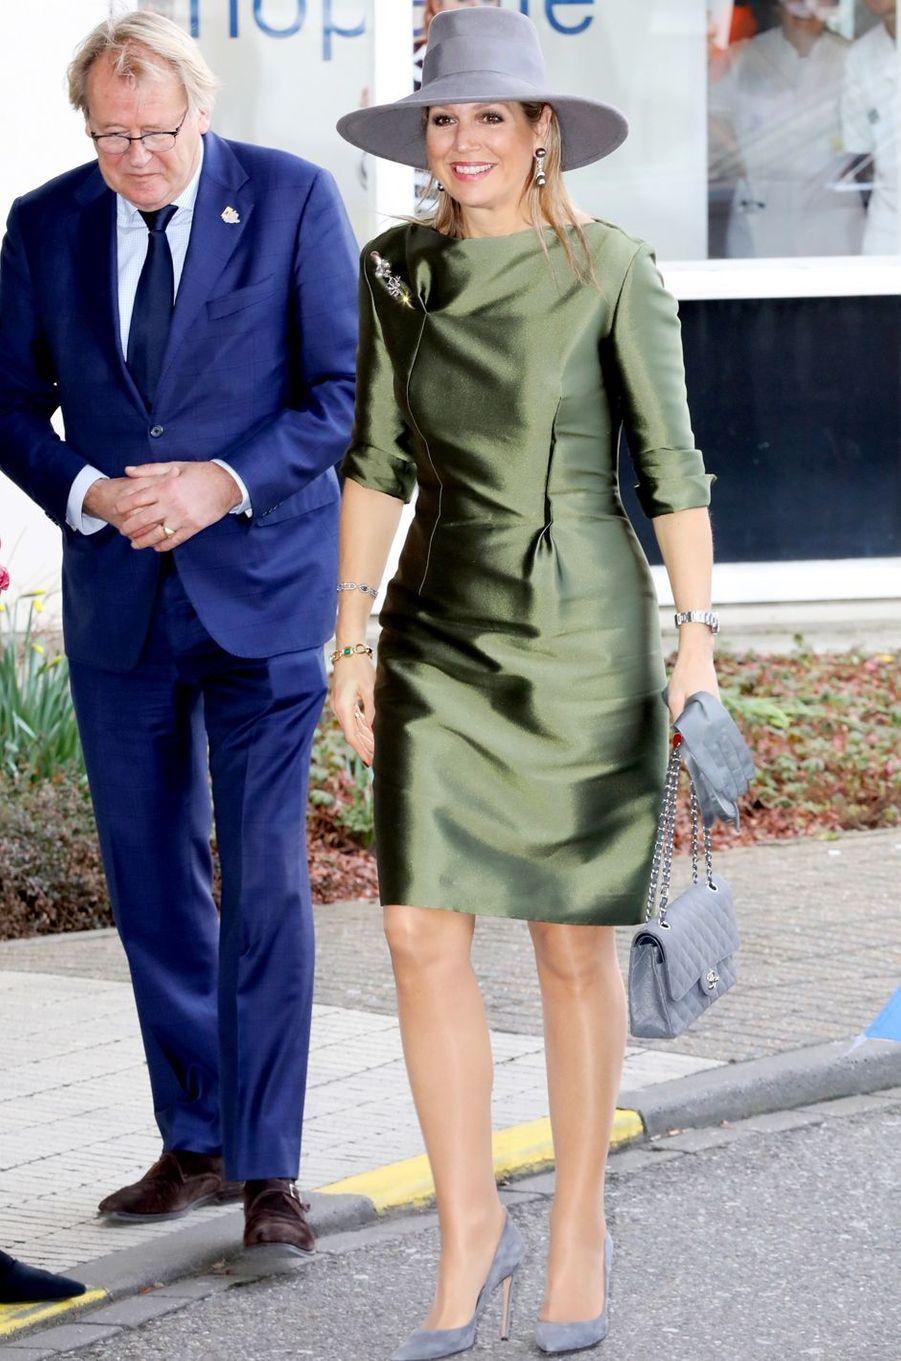 La reine Maxima des Pays-Bas, en Natan, à La Haye le 15 mars 2018